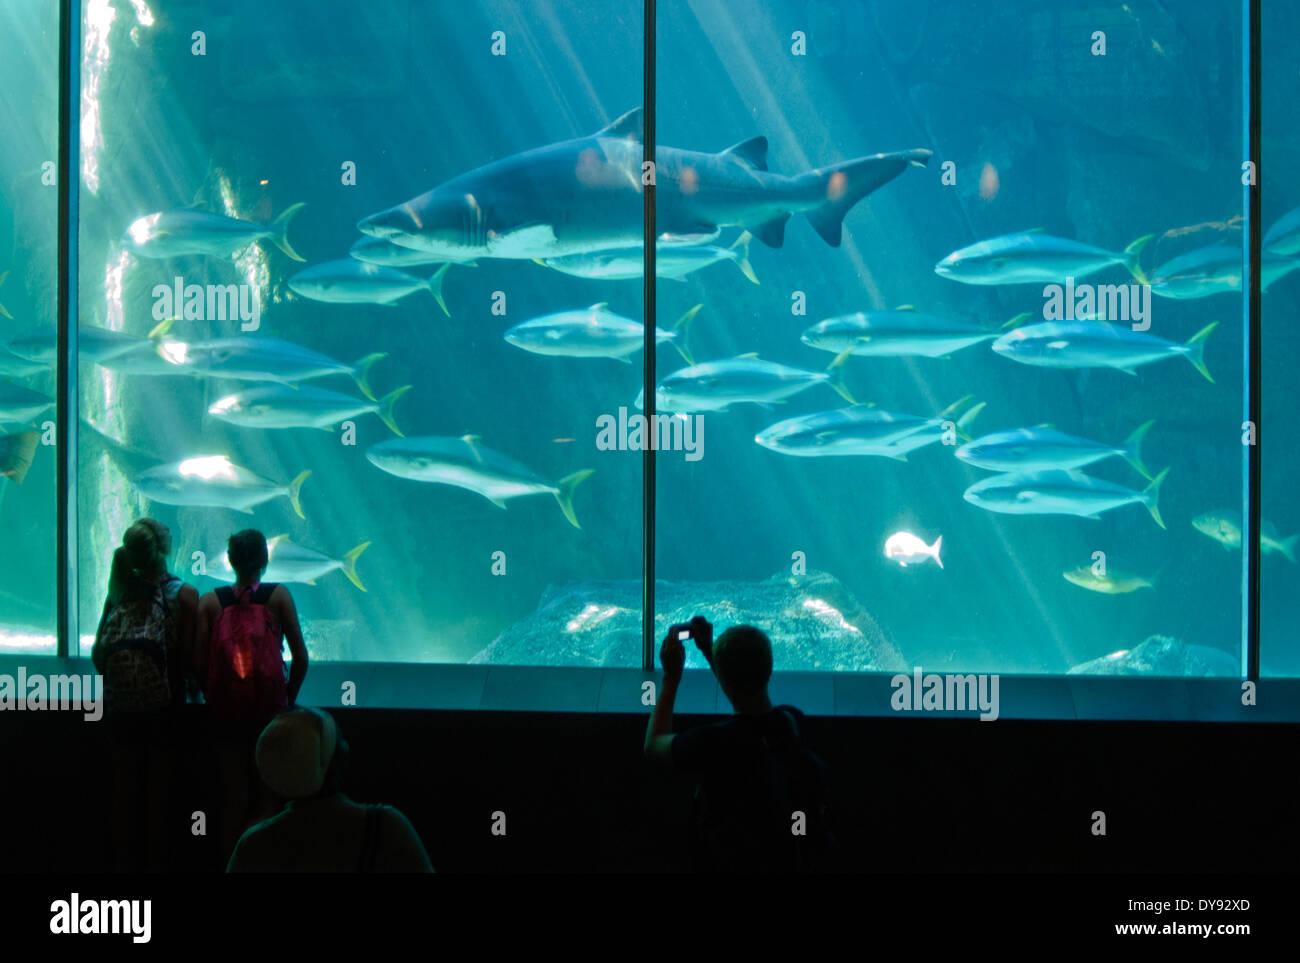 Two Oceans Aquarium - Stock Image